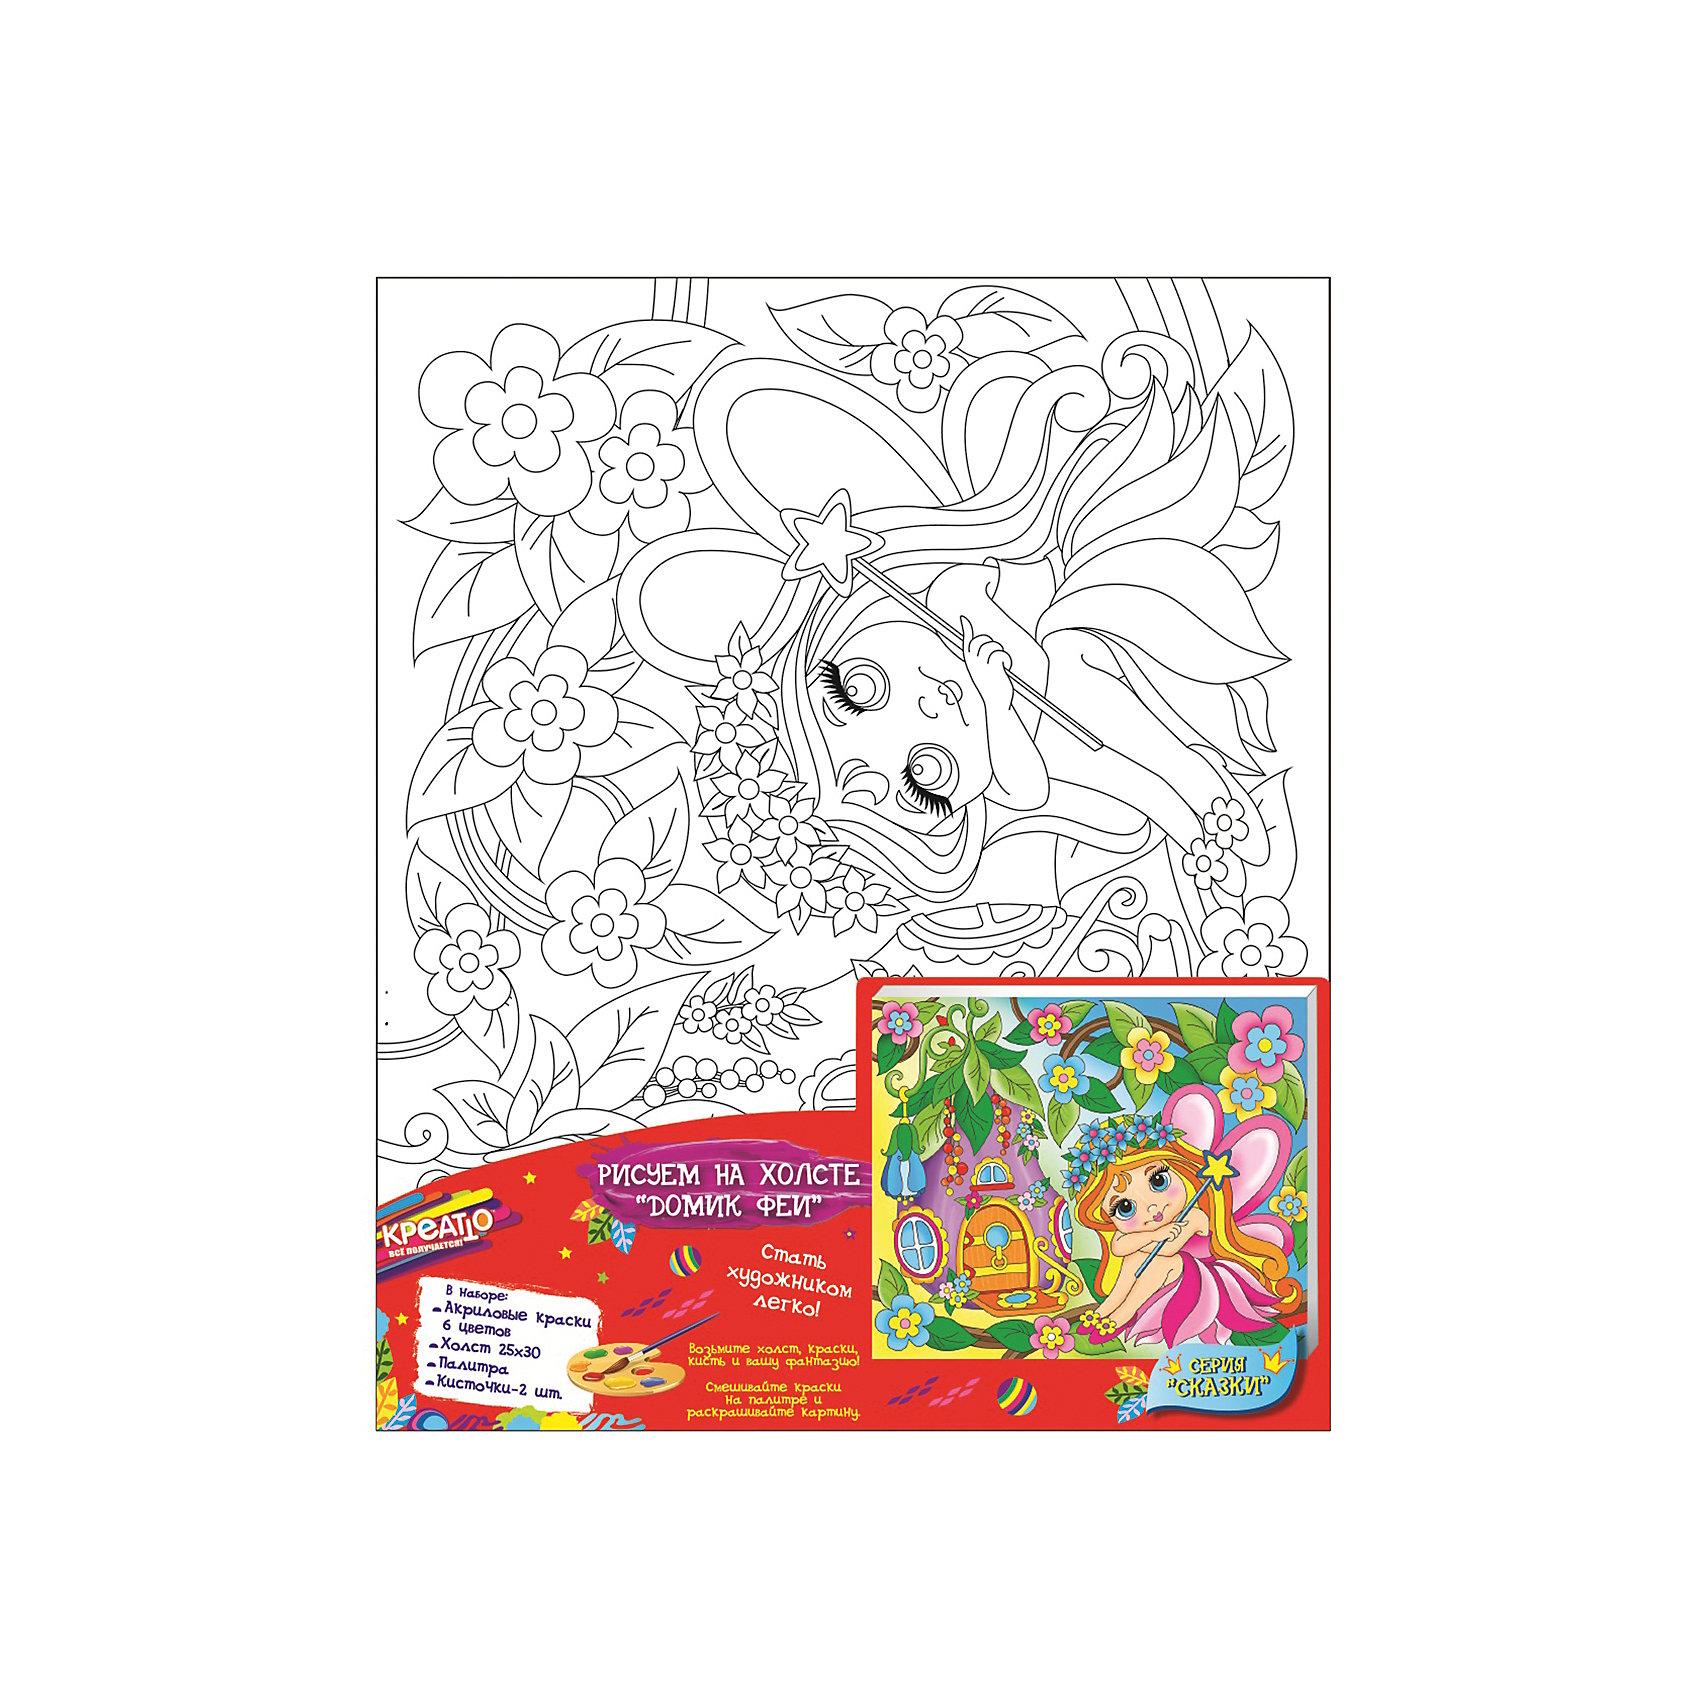 Роспись по холсту Домик феи, CreattoРисование<br>Характеристики товара:<br><br>• количество цветов: 6 шт.<br>• комплект: холст с контурным рисунком, натянутый на деревянную рамку, краски в металлических тубах, палитра, 2 кисточки<br>• размер картинки: 25х30 см<br>• вес: 230 г<br>• акриловые краски легко ложатся на холст, быстро сохнут, хорошо растворяются в воде, после высыхания становятся водонепроницаемыми<br>• состав: 100% хлопок, картон, пластик<br>• страна бренда: Россия<br>• страна изготовитель: Россия<br><br>В набор для творчества входит все, чтобы создать настоящее произведение искусства своими руками: холст с нанесенными контурами рисунка, краски, палитра, кисточки. Можно раскрасить рисунок по образцу. Смешивая краски, юный художник получит новые цвета и оттенки. Ткань обработана специальным составом, который обеспечивает нанесение красок равномерным слоем.<br><br>Набор «Роспись по холсту Домик феи, Creatto» вы можете приобрести в нашем интернет-магазине.<br><br>Ширина мм: 300<br>Глубина мм: 250<br>Высота мм: 150<br>Вес г: 230<br>Возраст от месяцев: 36<br>Возраст до месяцев: 2147483647<br>Пол: Женский<br>Возраст: Детский<br>SKU: 5453451